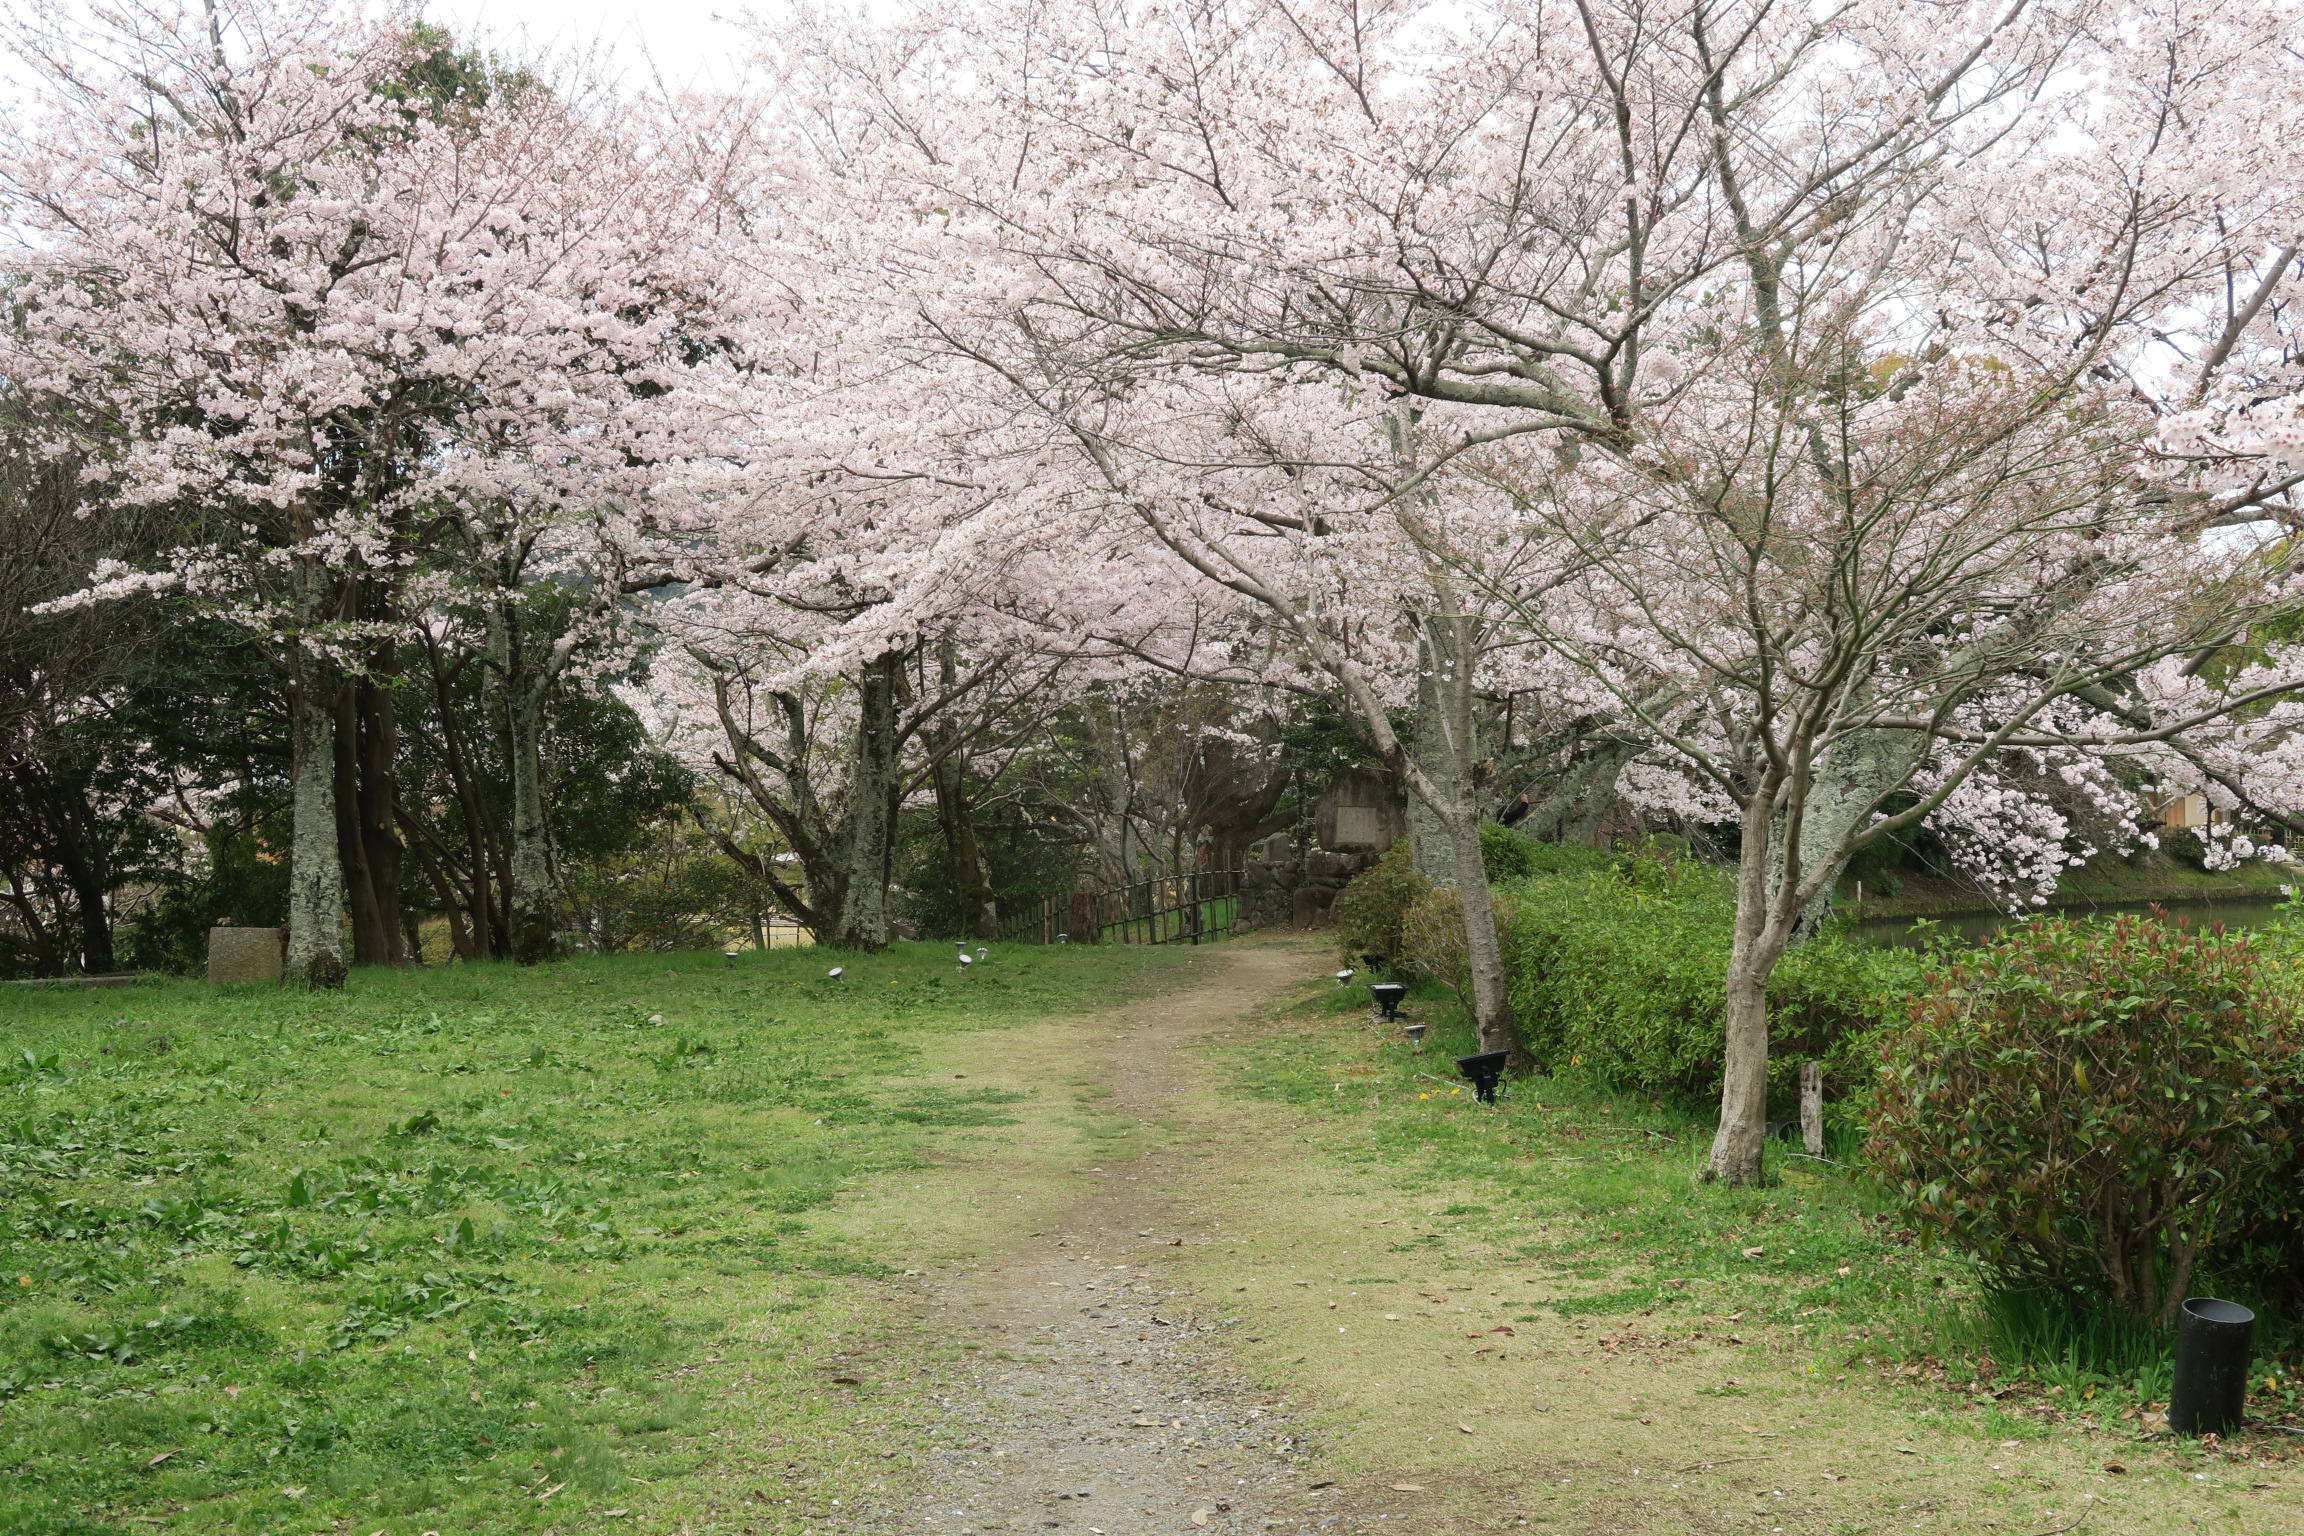 桜も満開で、ちょうどいい時に訪れることができました。